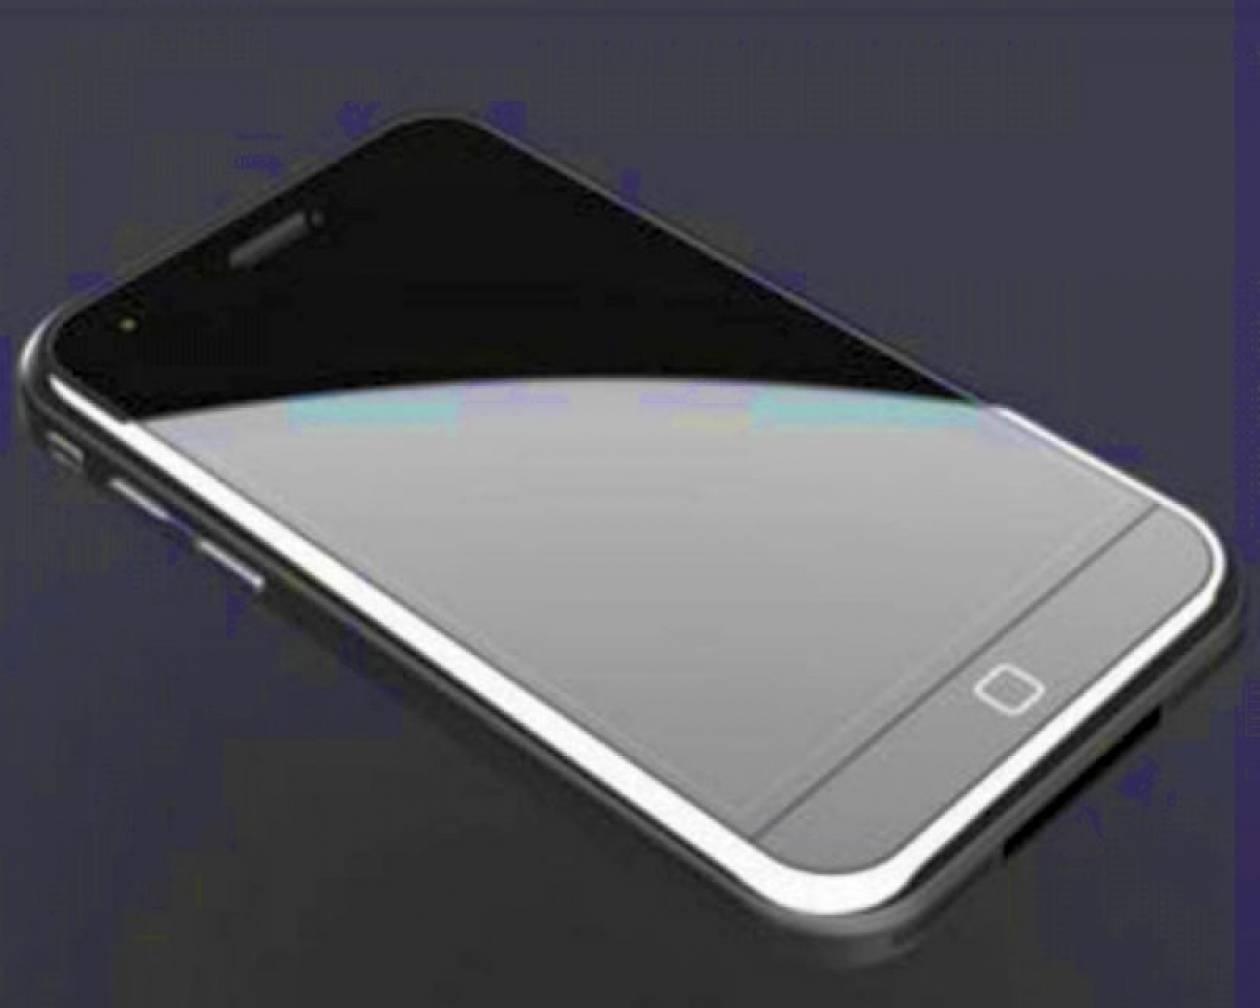 Έρχεται το iPhone 5 τον Μάρτιο;